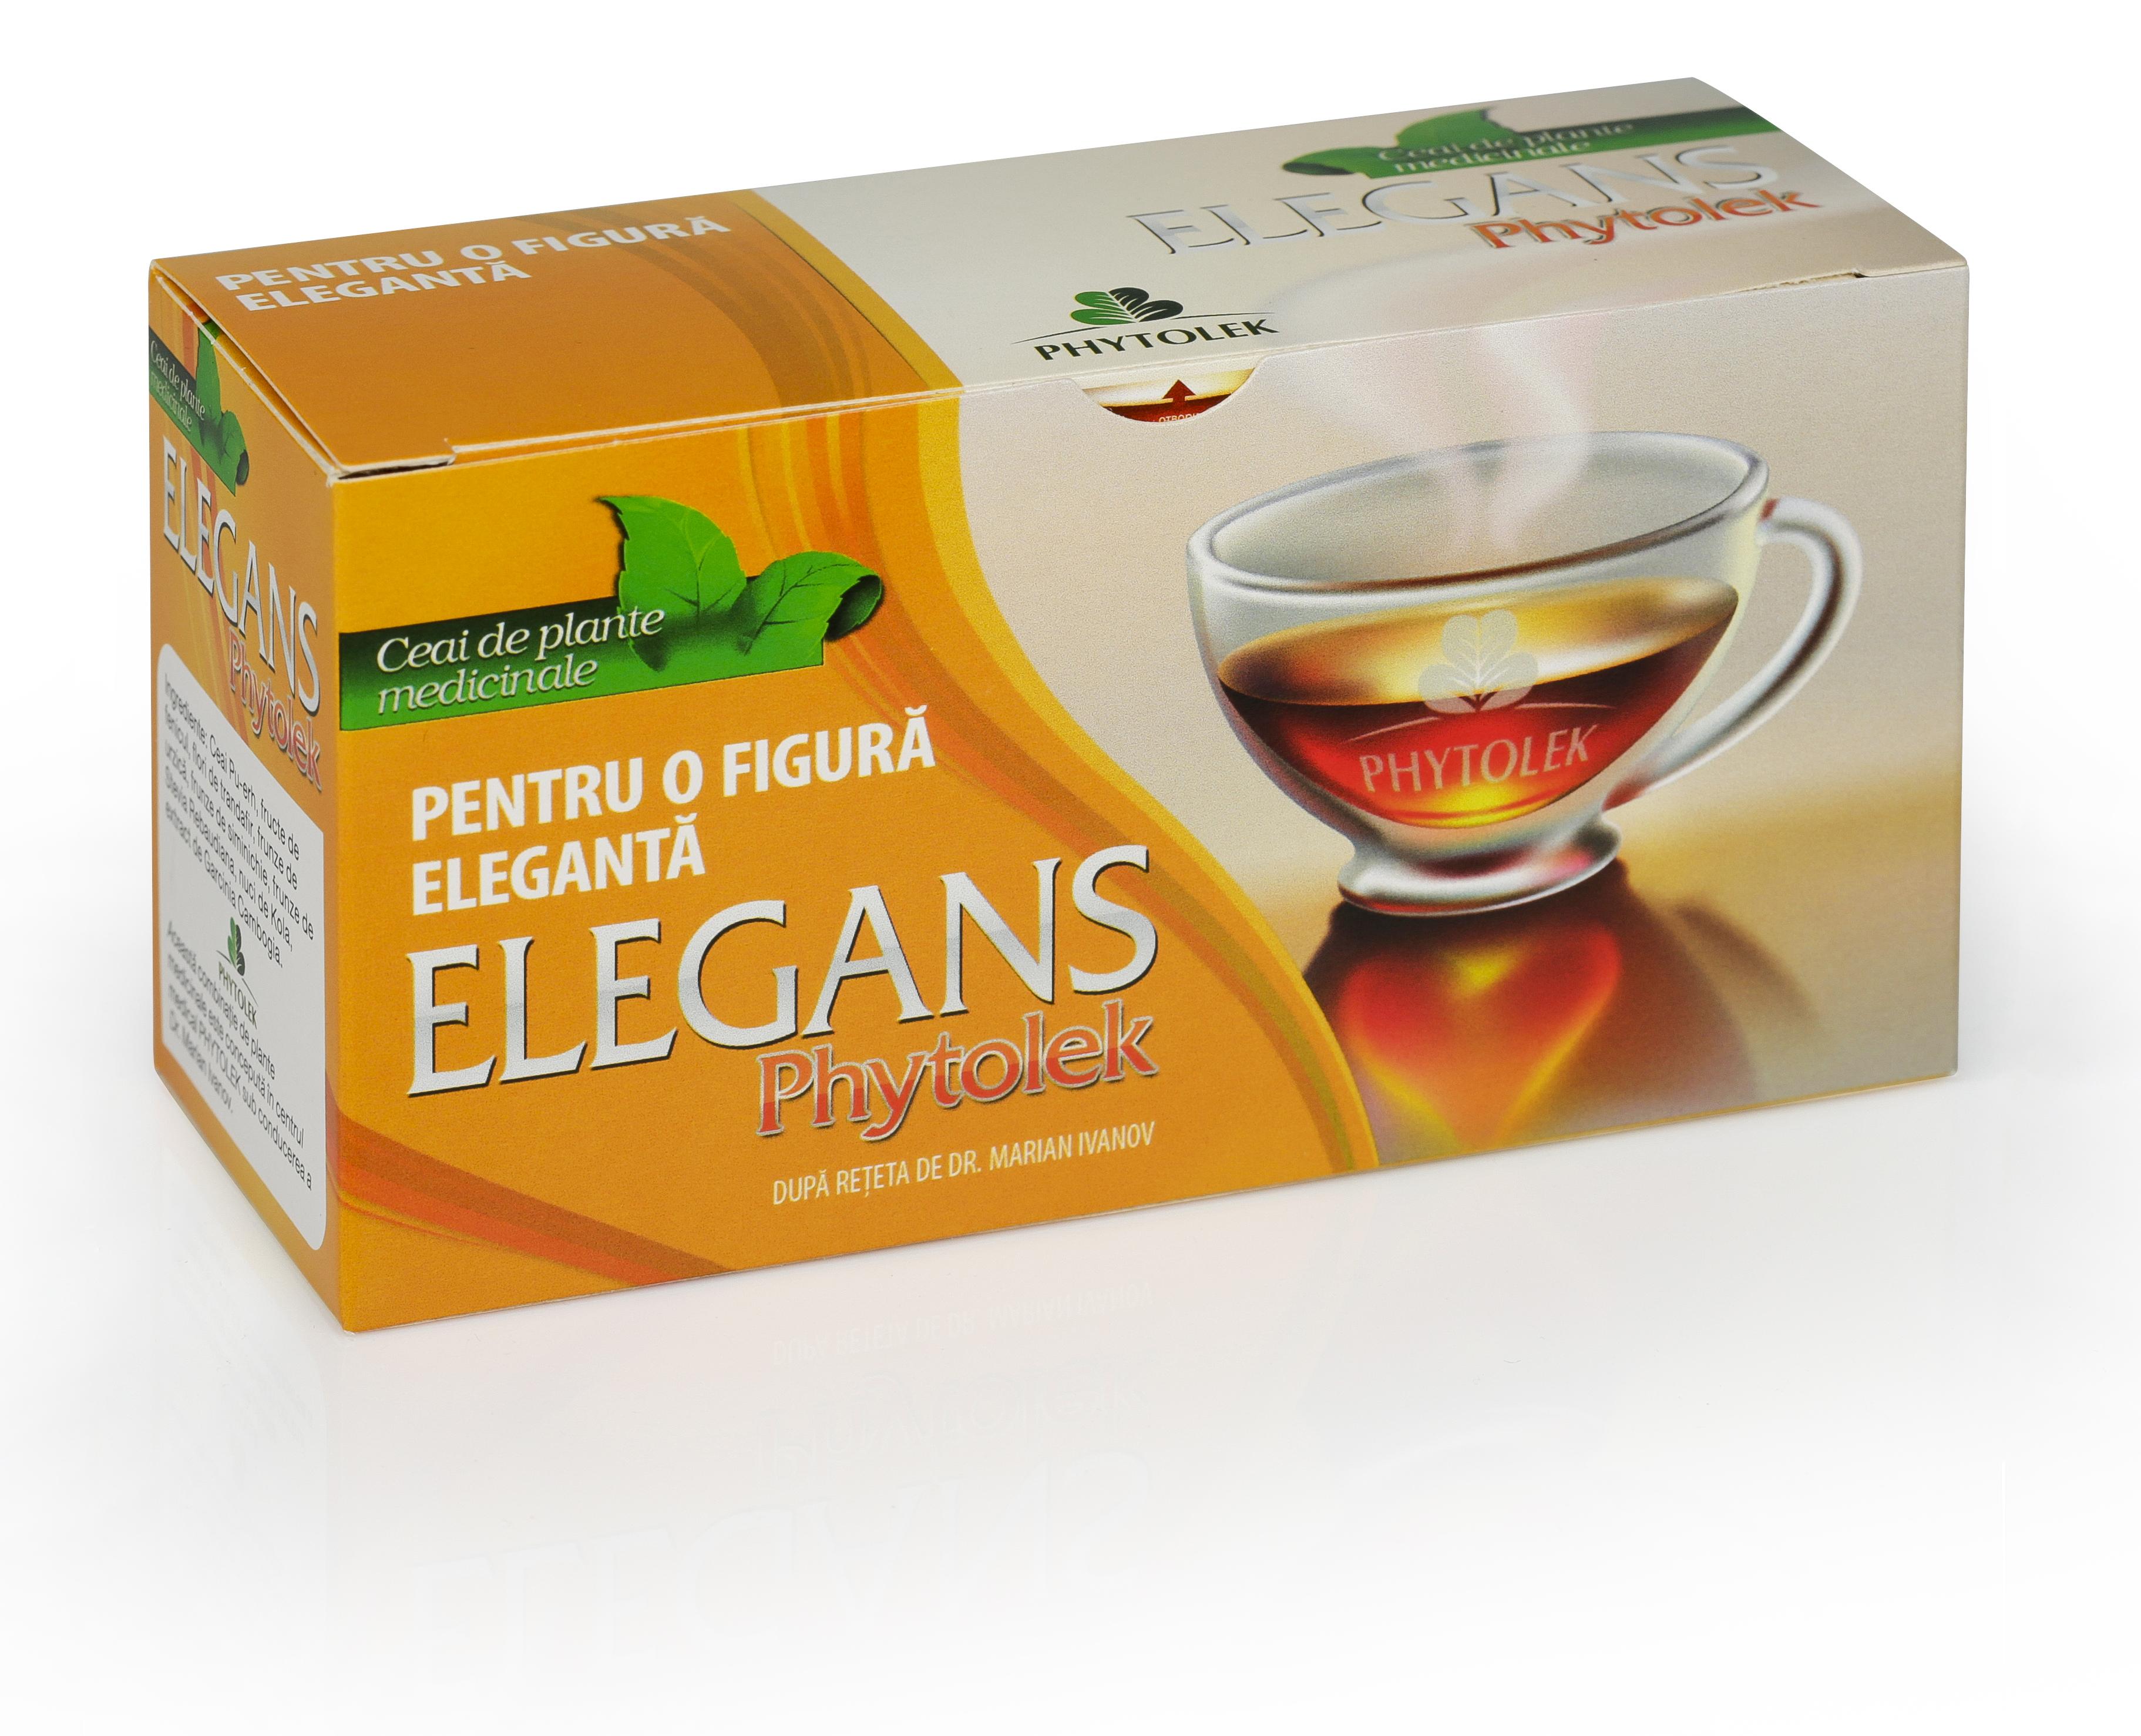 ceai detox și mișcări intestinale